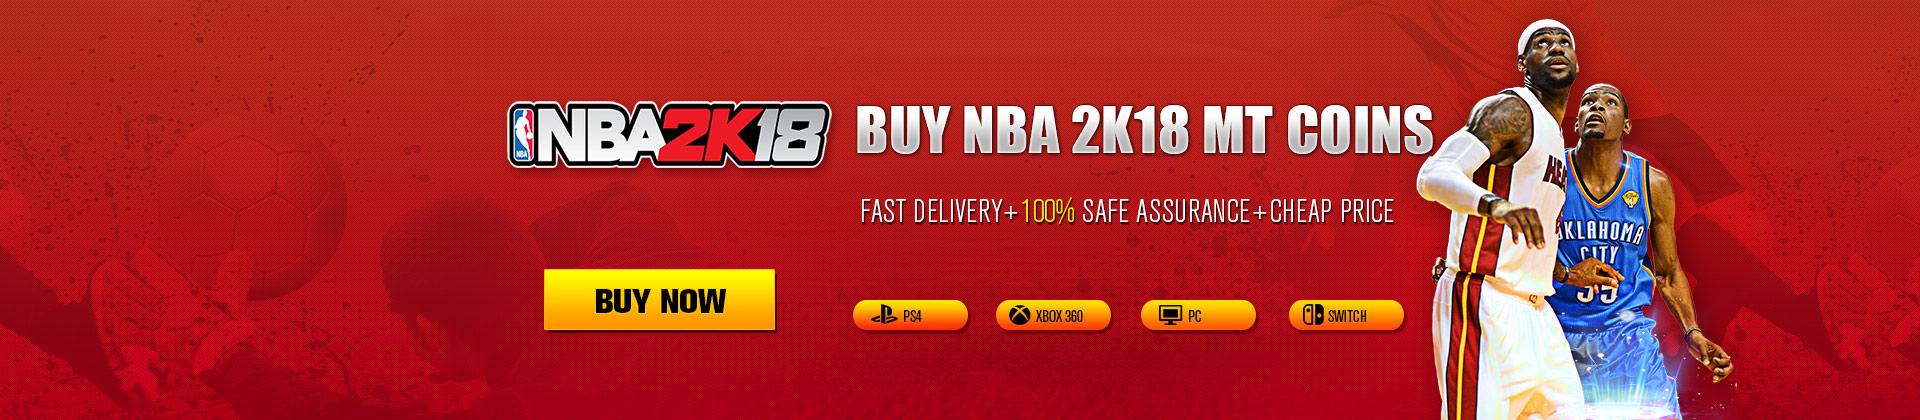 NBA 2K18 MT Coins